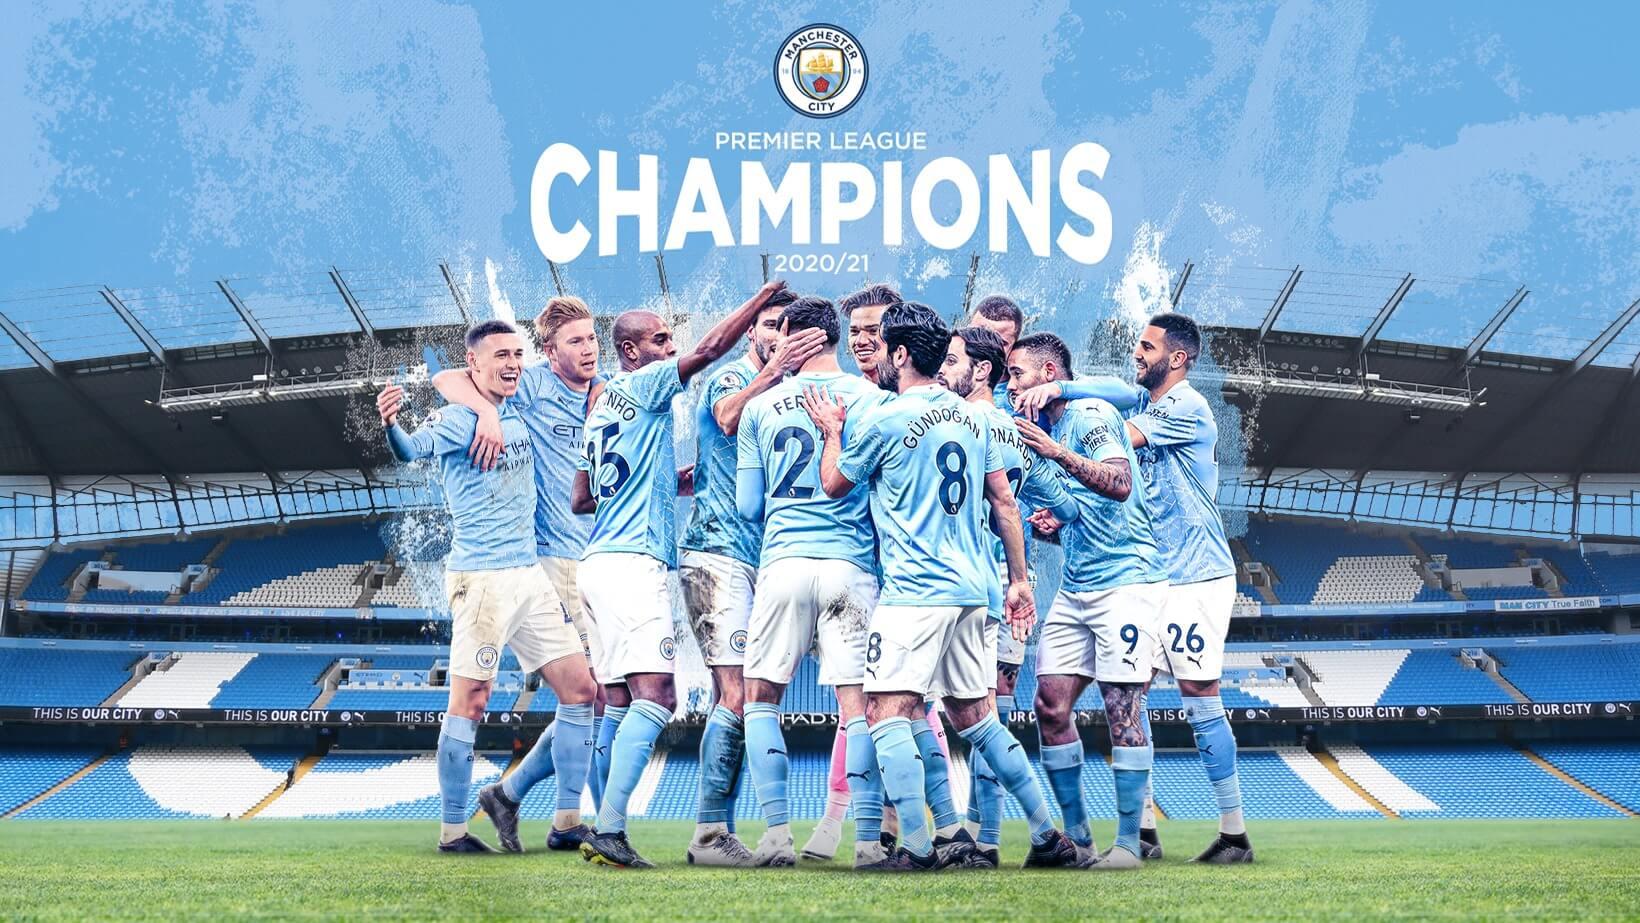 Manchester City Odds på å gjenta Premier League-suksess i 2021/22